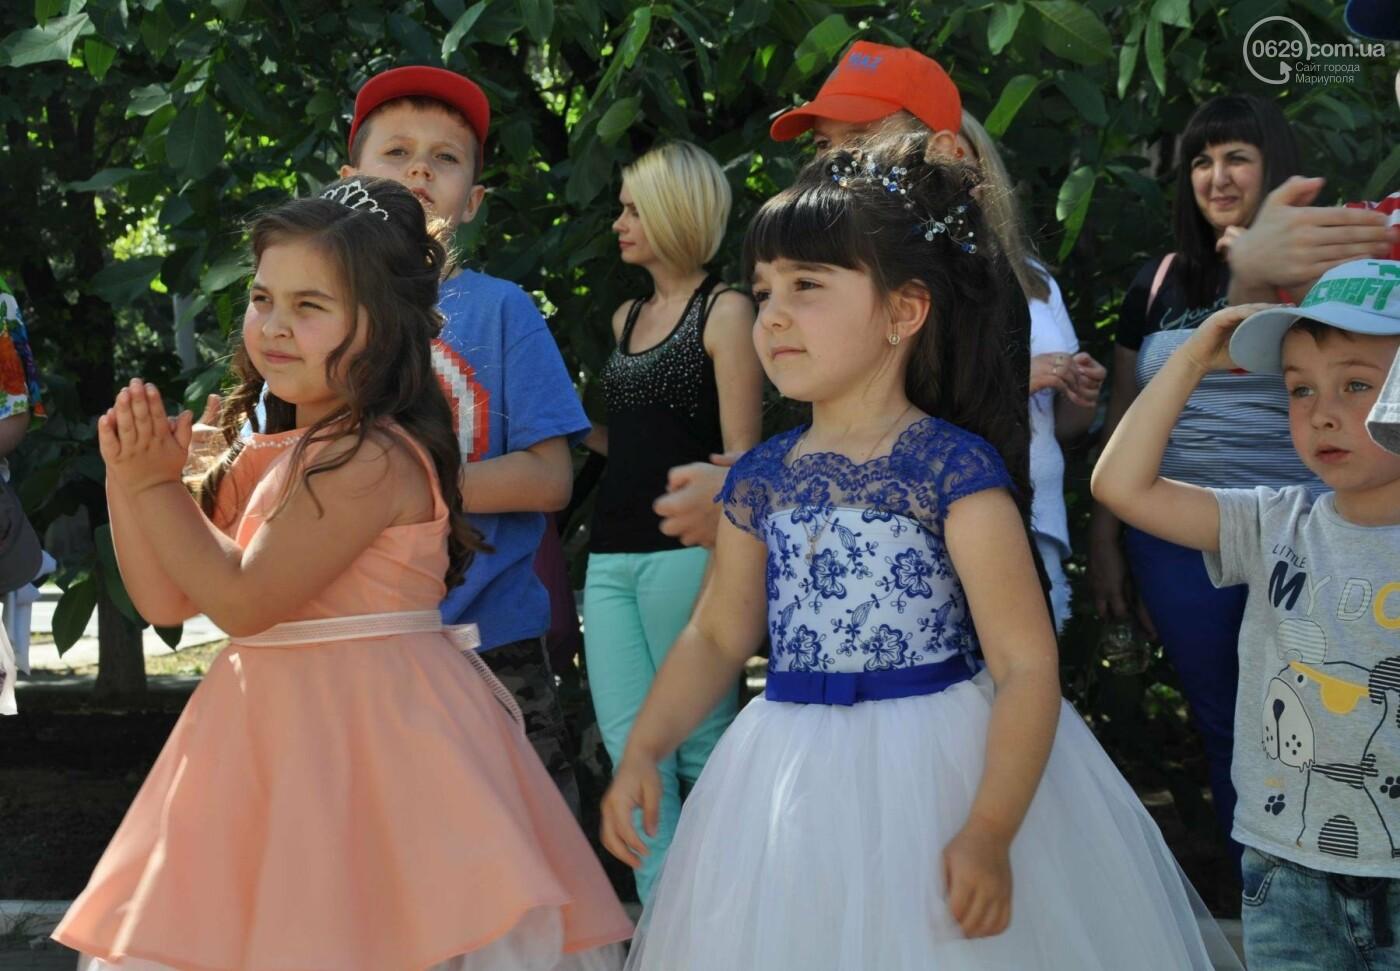 В аптеке «Азовфарм» провели праздник для детей и разыграли призы, фото-13